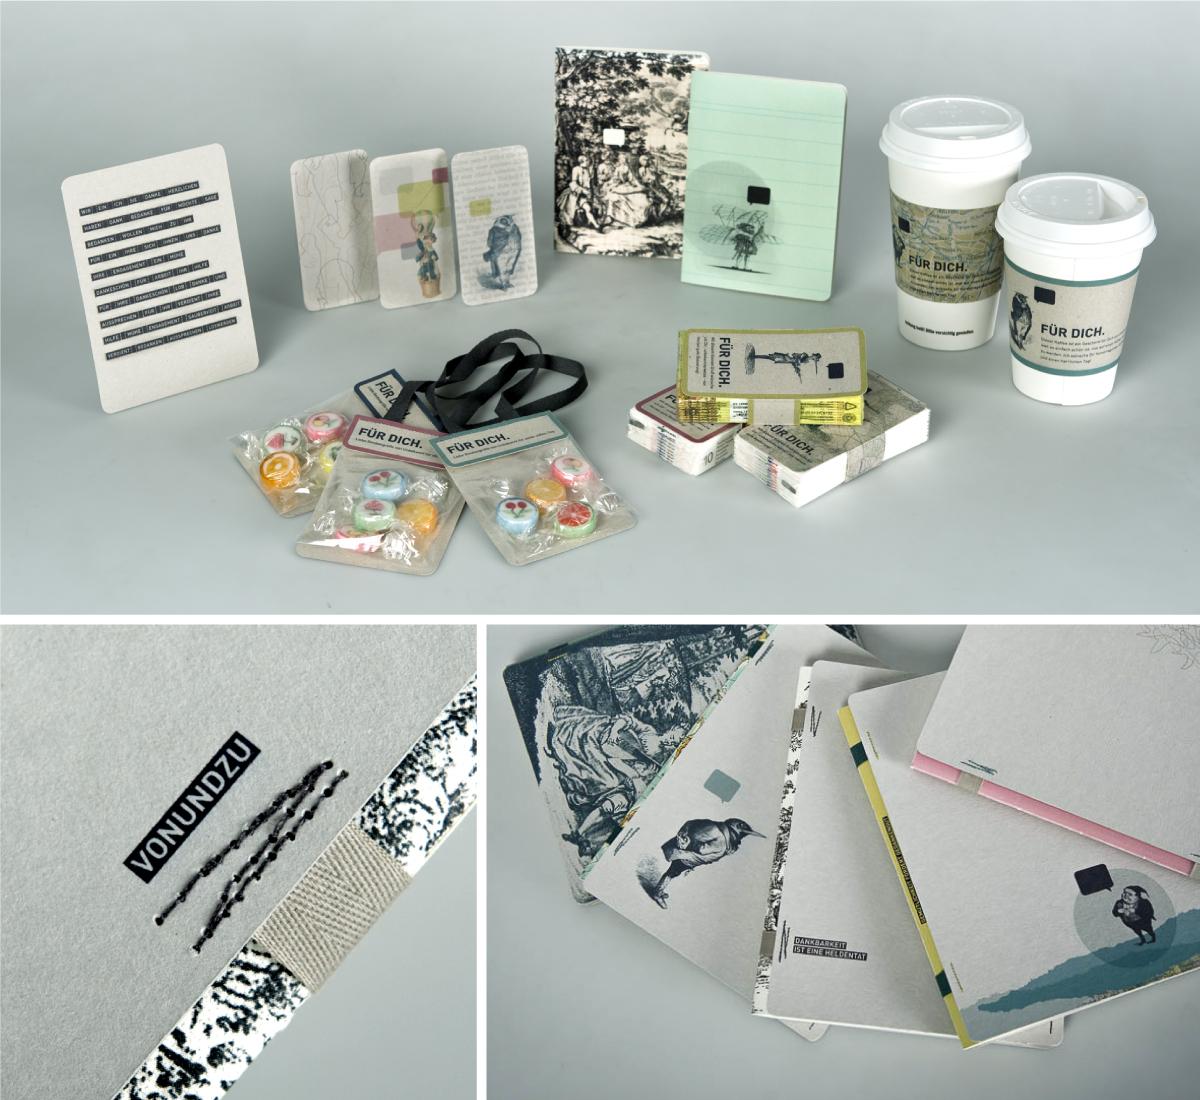 """»VONUNDZU« ist eine Papeteriekollektion, die die Menschen mit ihren Produkten für ein Stück """"bessere Welt"""" begeistern will. Mit netten Kleinigkeiten und einfachen Aktionen kann man Fröhlichkeit verschenken."""